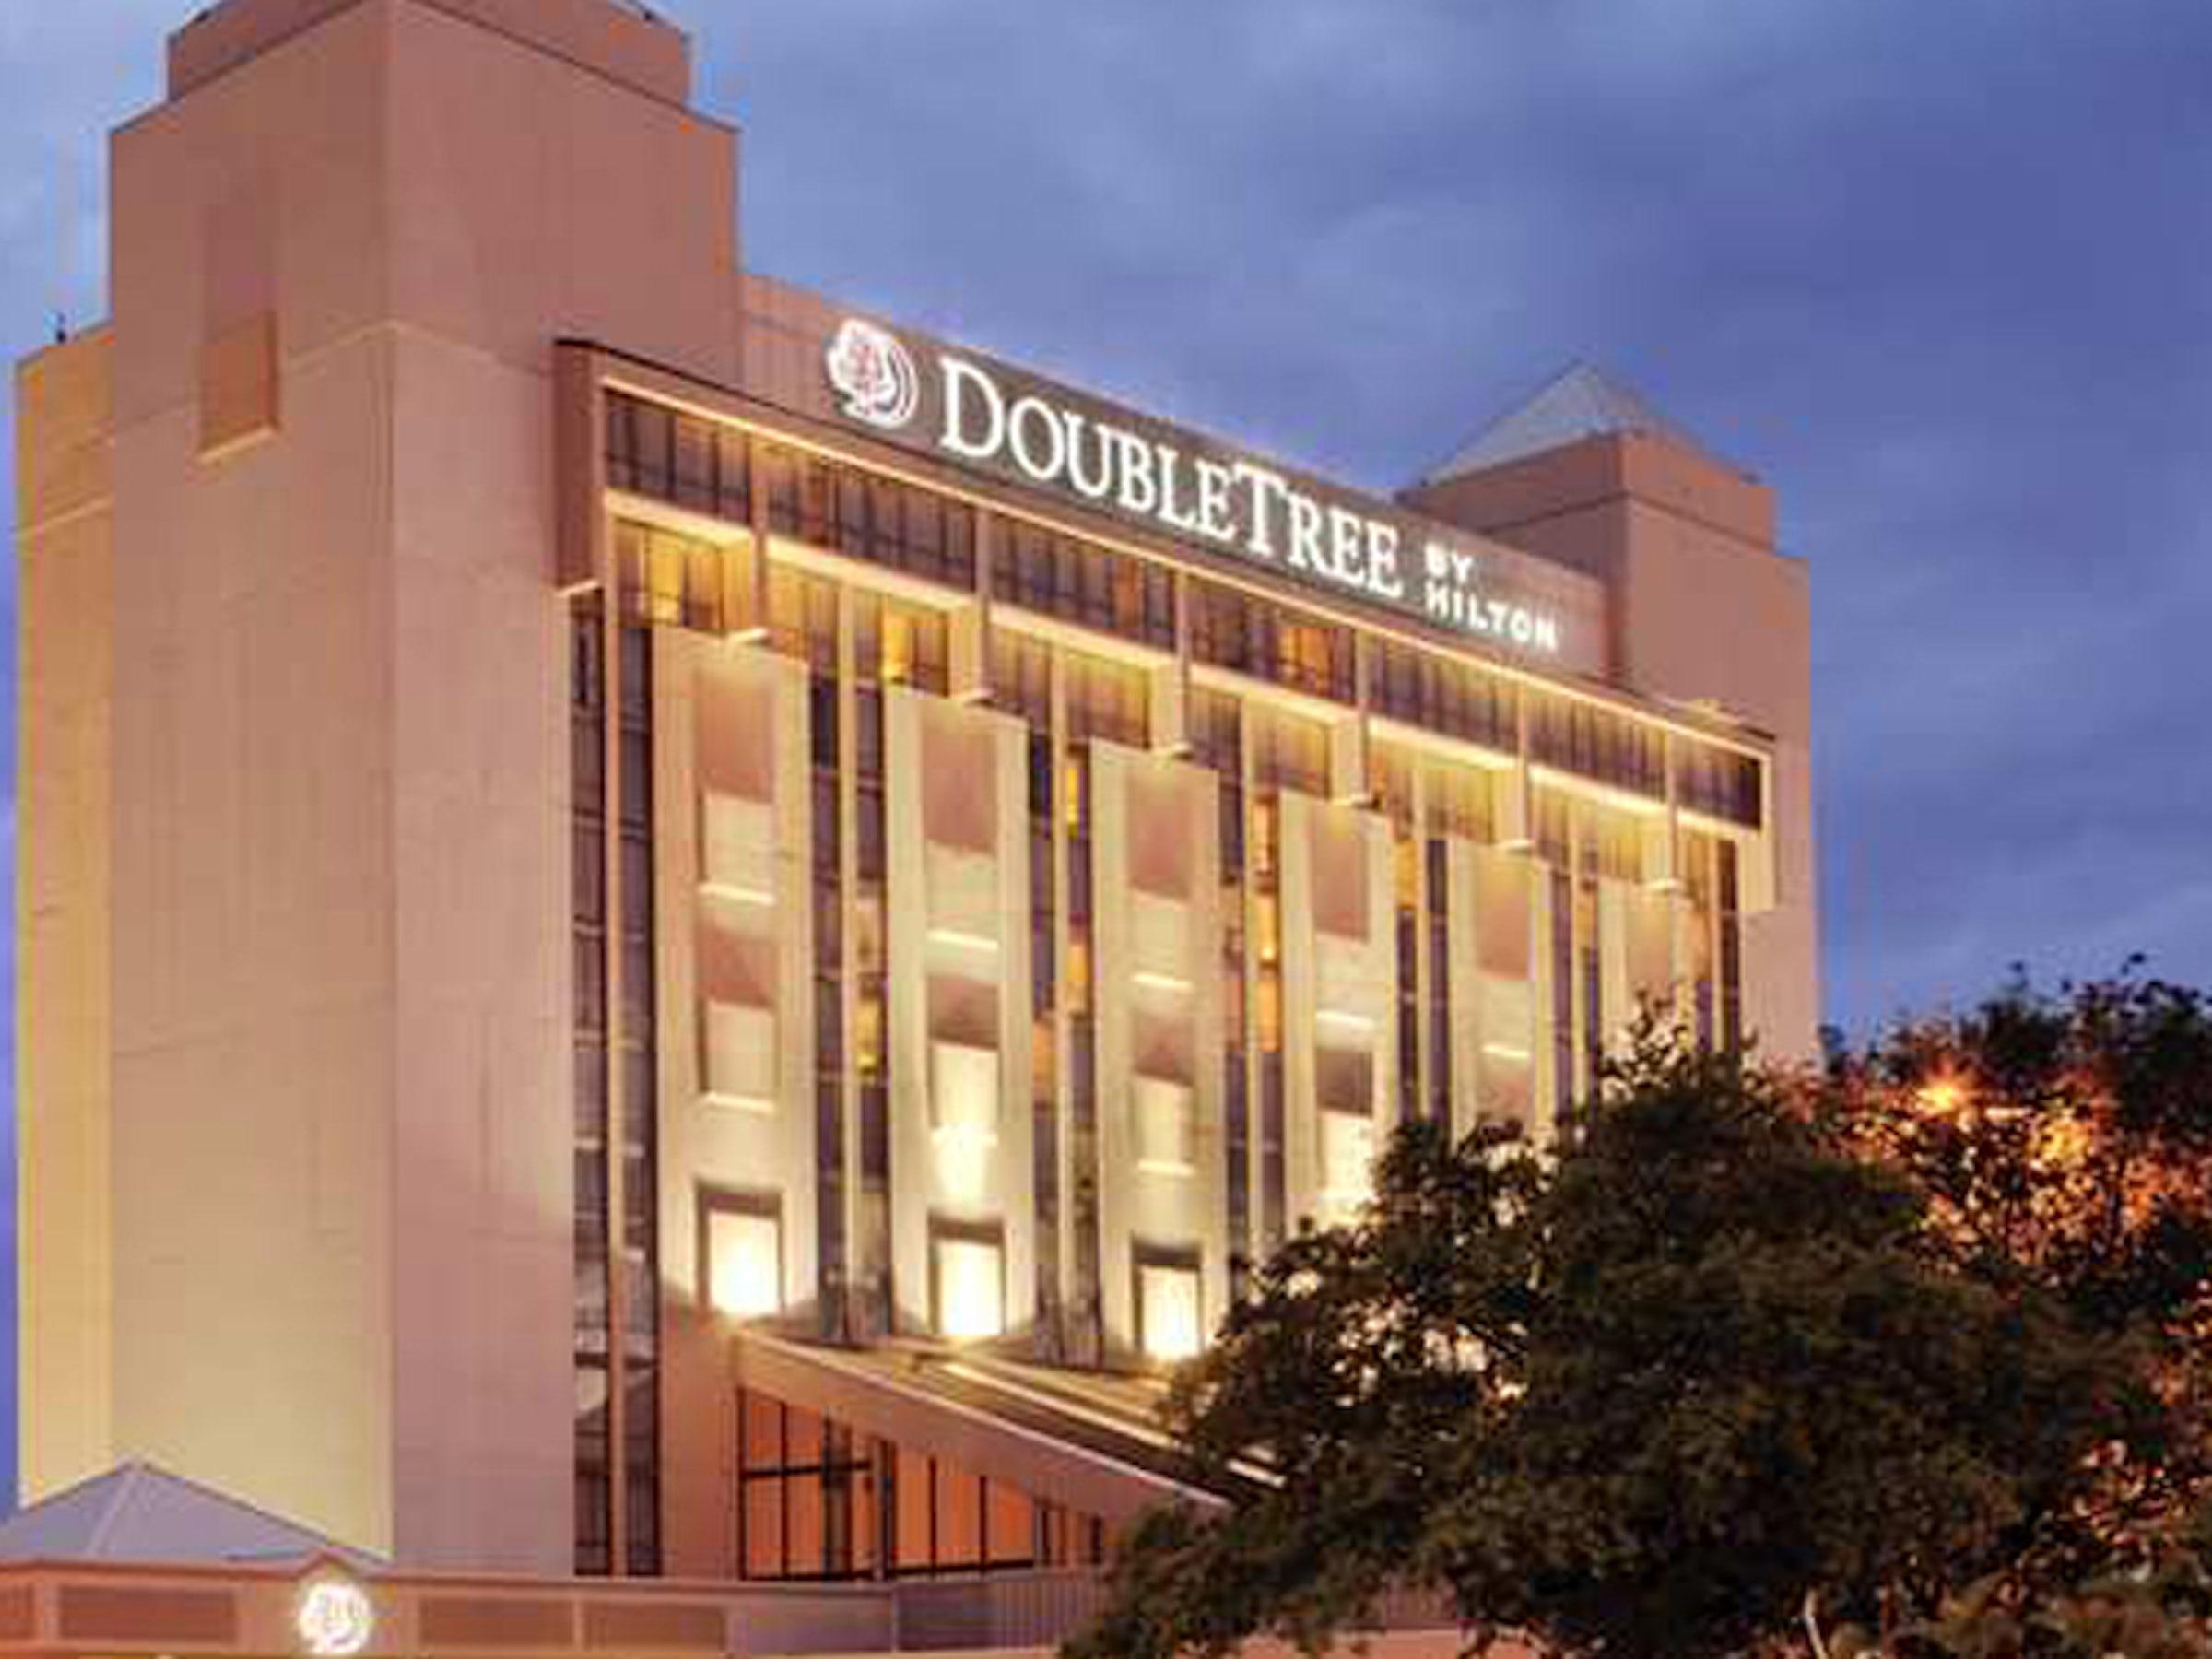 Doubletree by Hilton Hotel Dallas-Richardson in Beyond Dallas